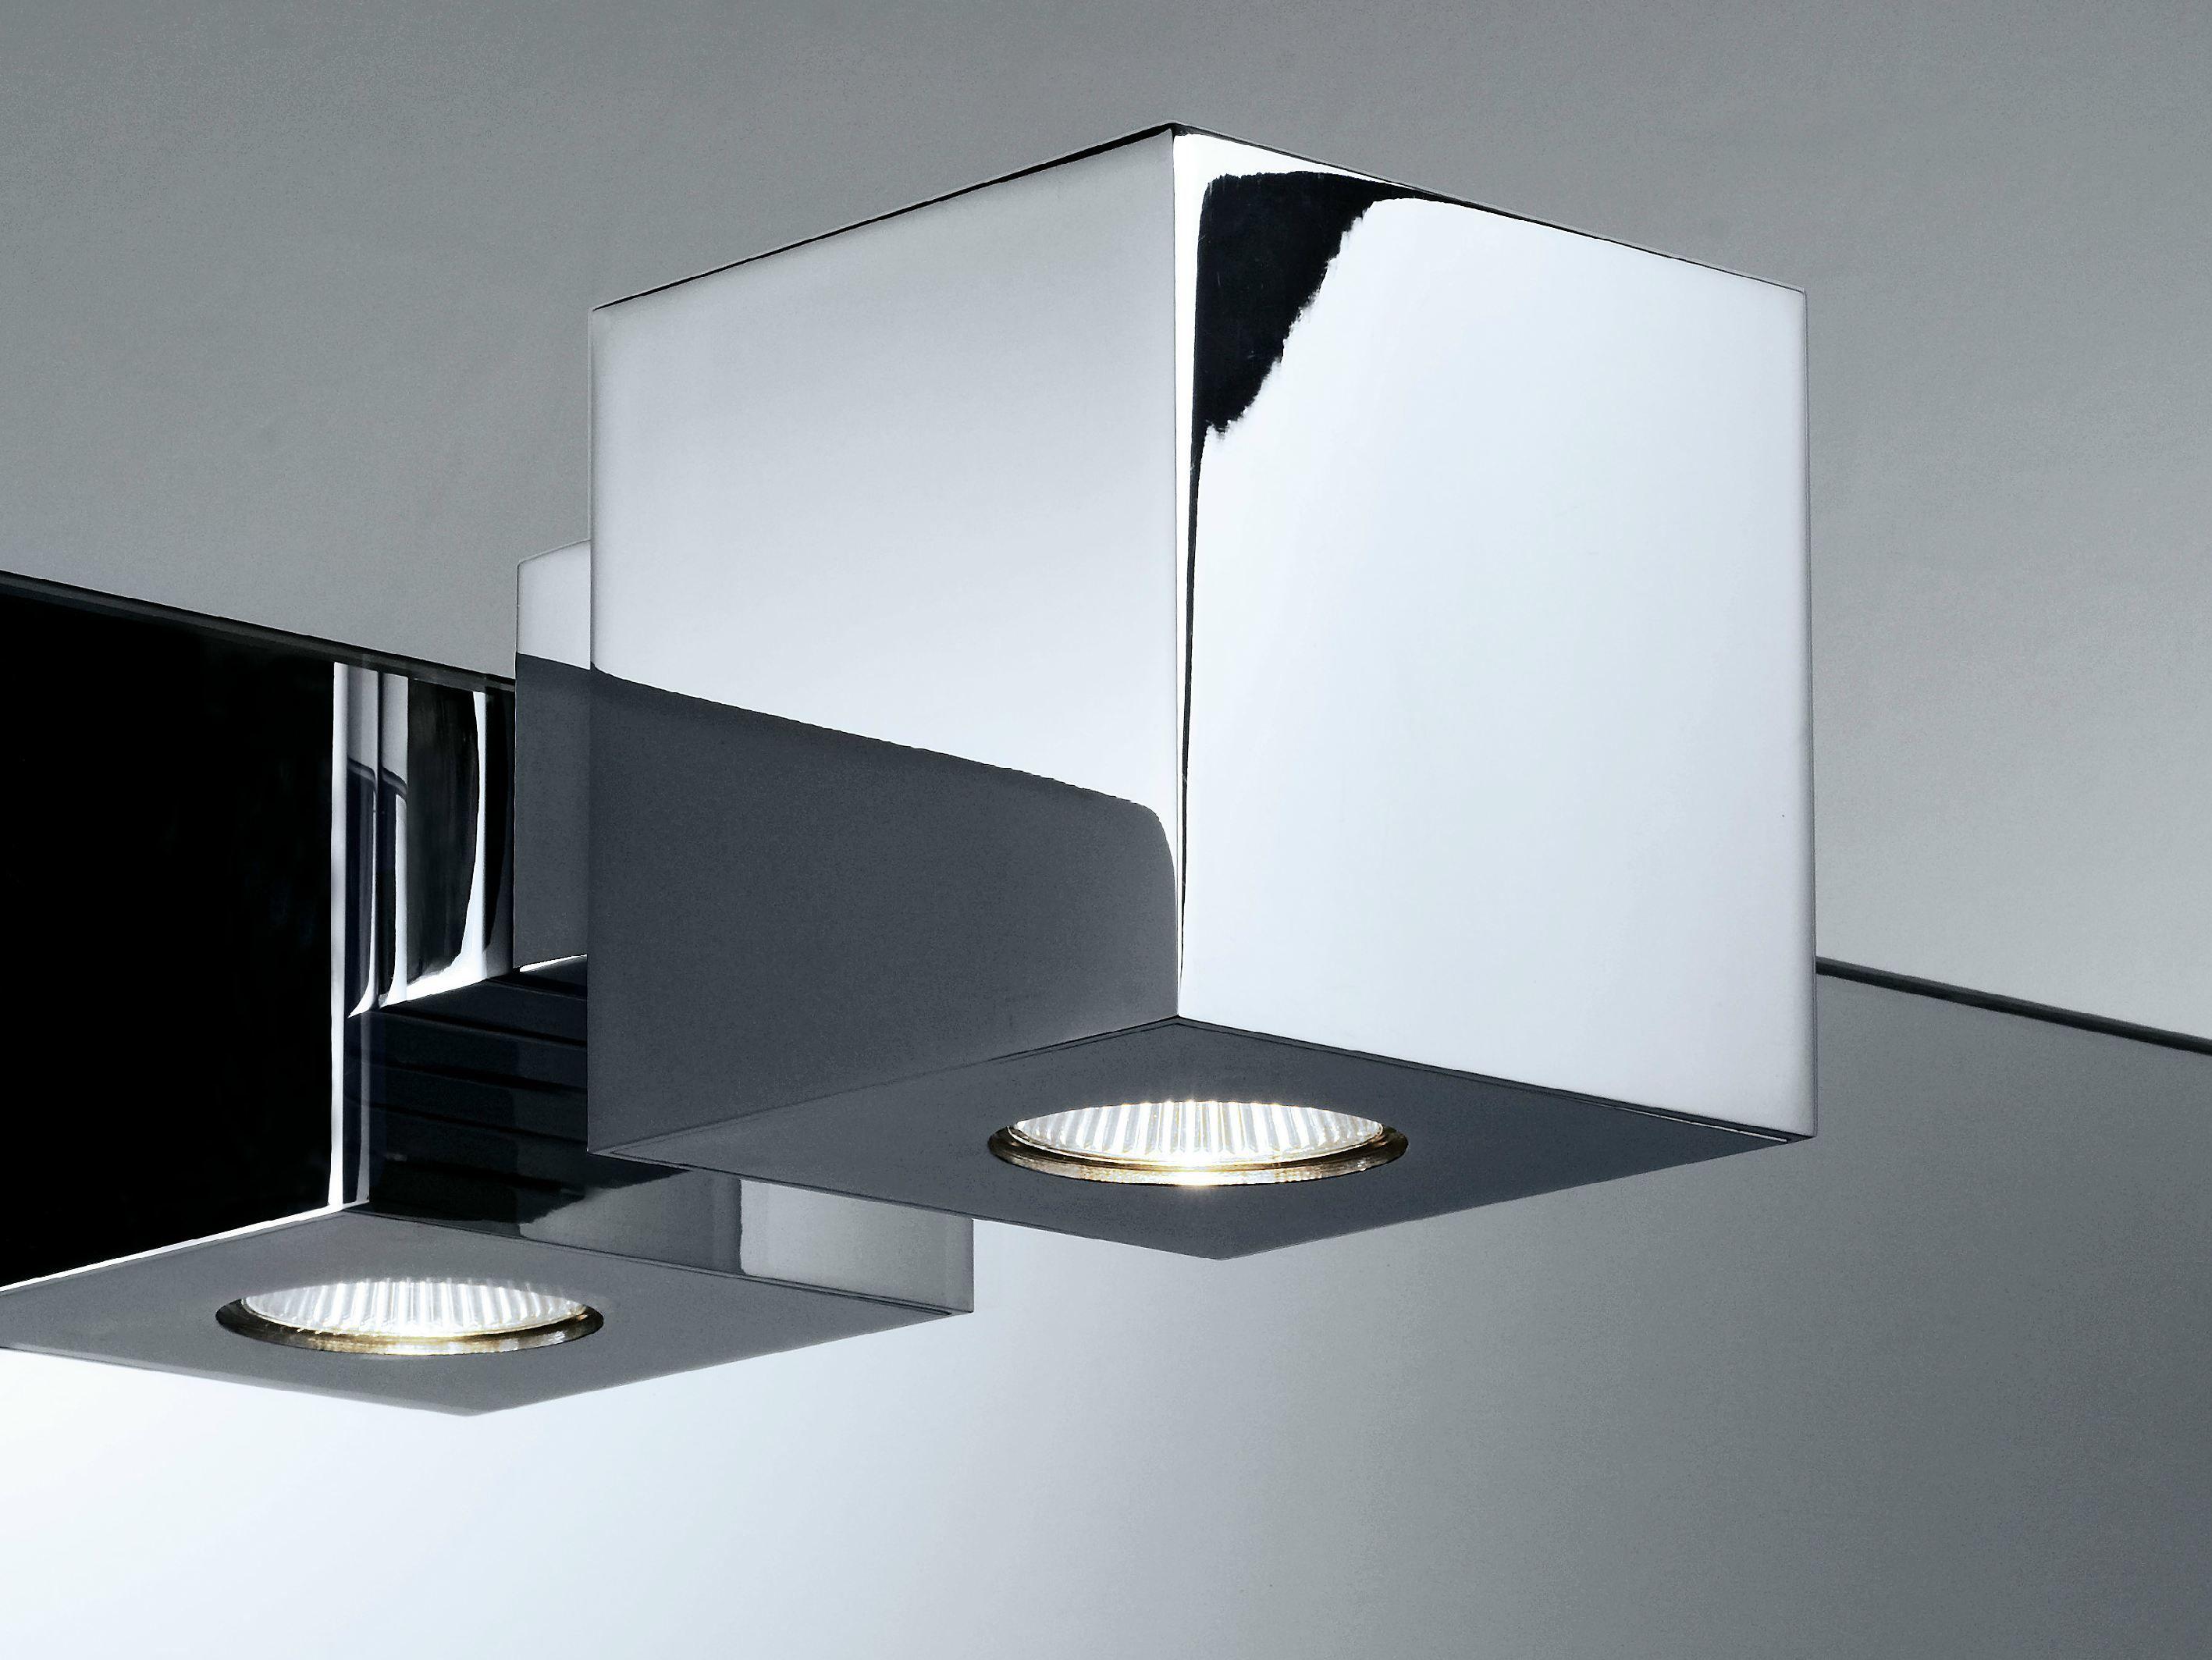 Specchi da bagno design specchi moderni design con - Luci a led per specchio bagno ...